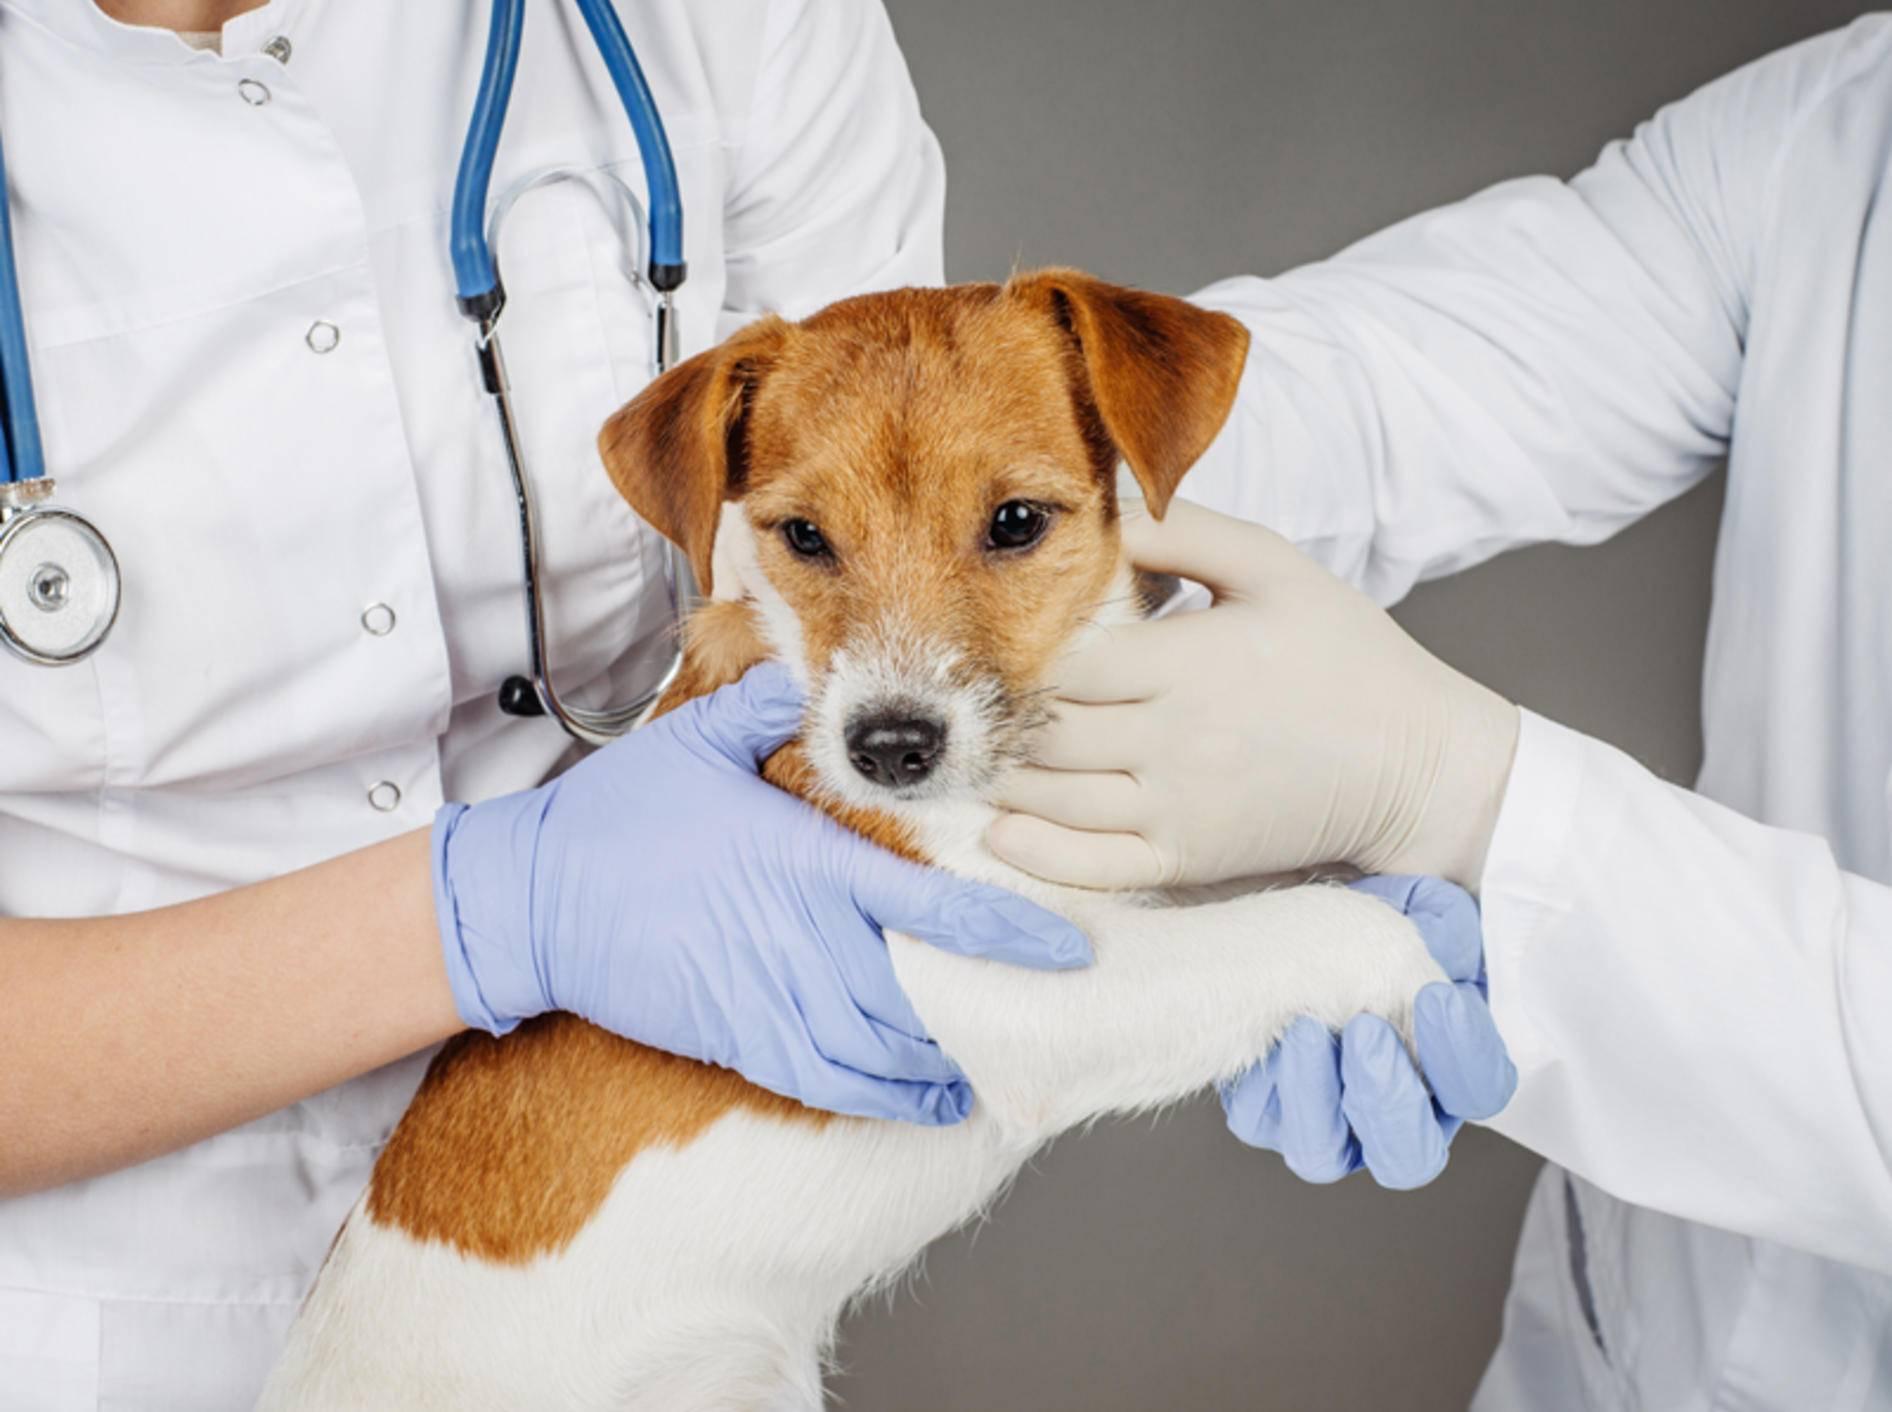 Bevor ein Tierarzt den Abszess beim Hund behandeln kann, muss er ihn gründlich untersuchen – Bild: Shutterstock / NEstudio